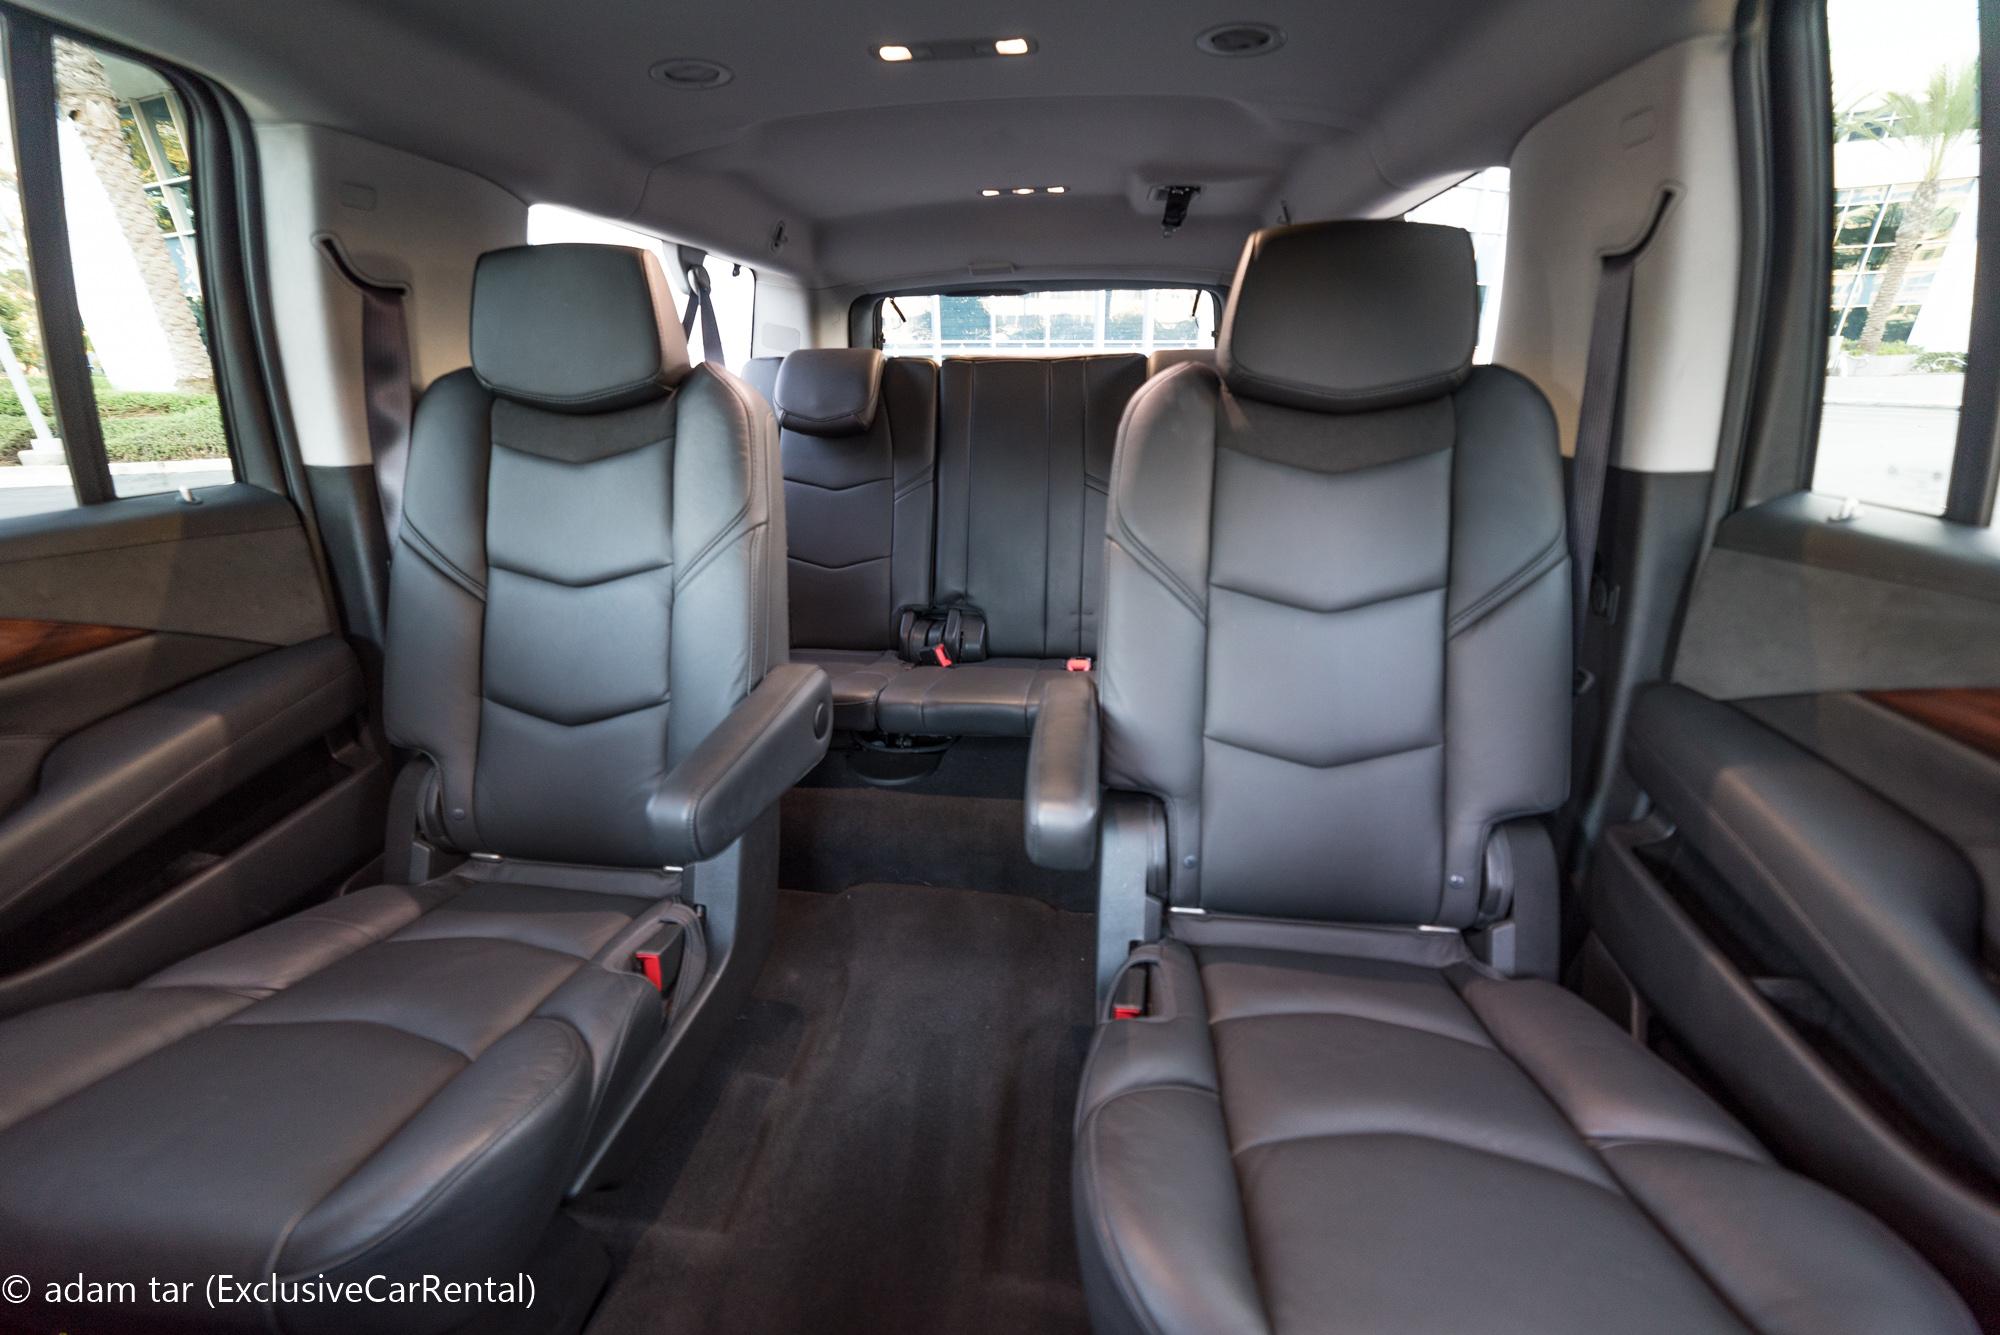 8 Seater Suv >> Cadillac Escalade ESV SUV Rental in Los Angeles and ...